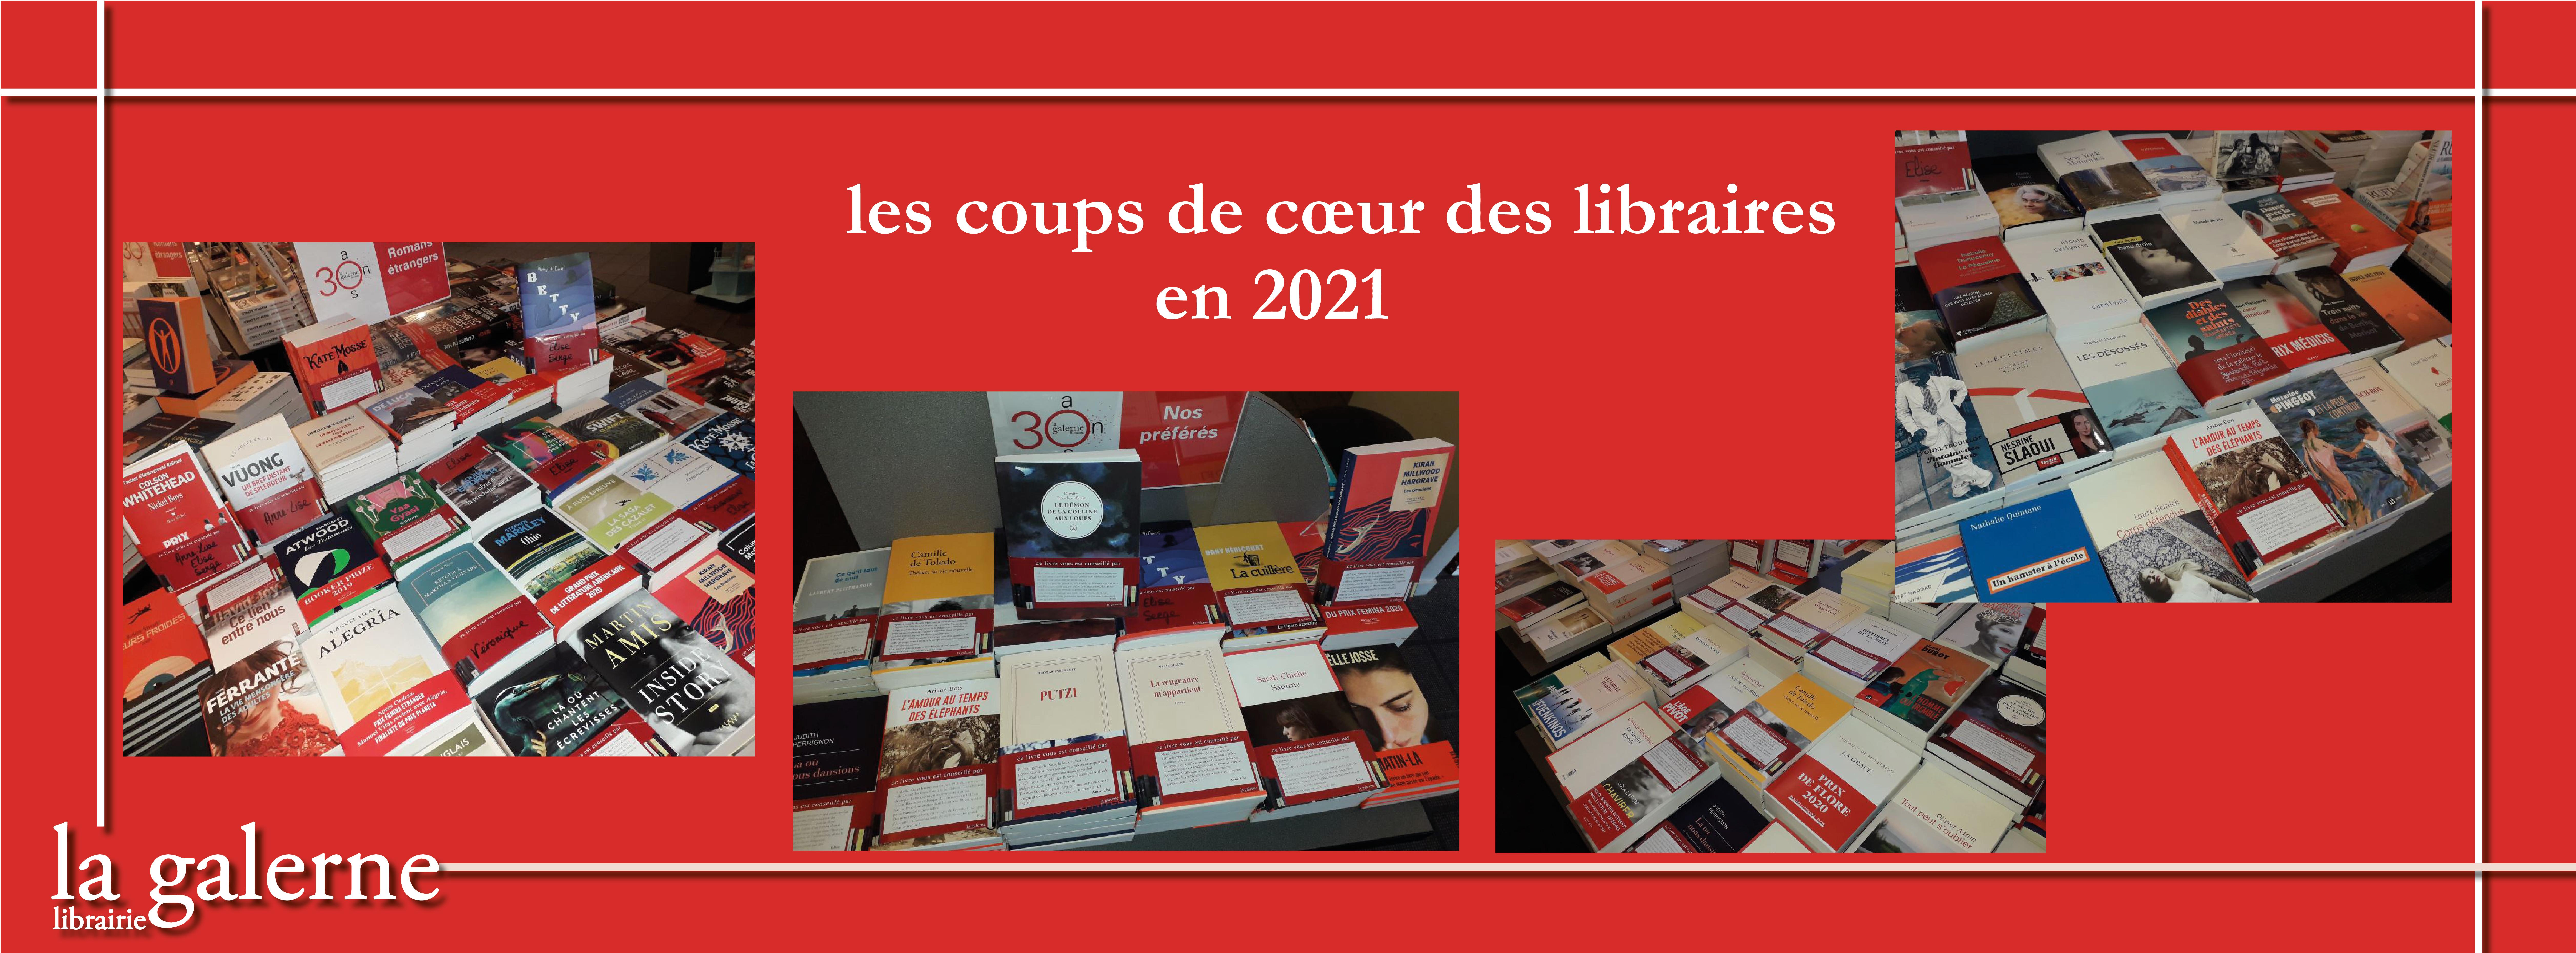 Les coups de cœur 2021 des libraires